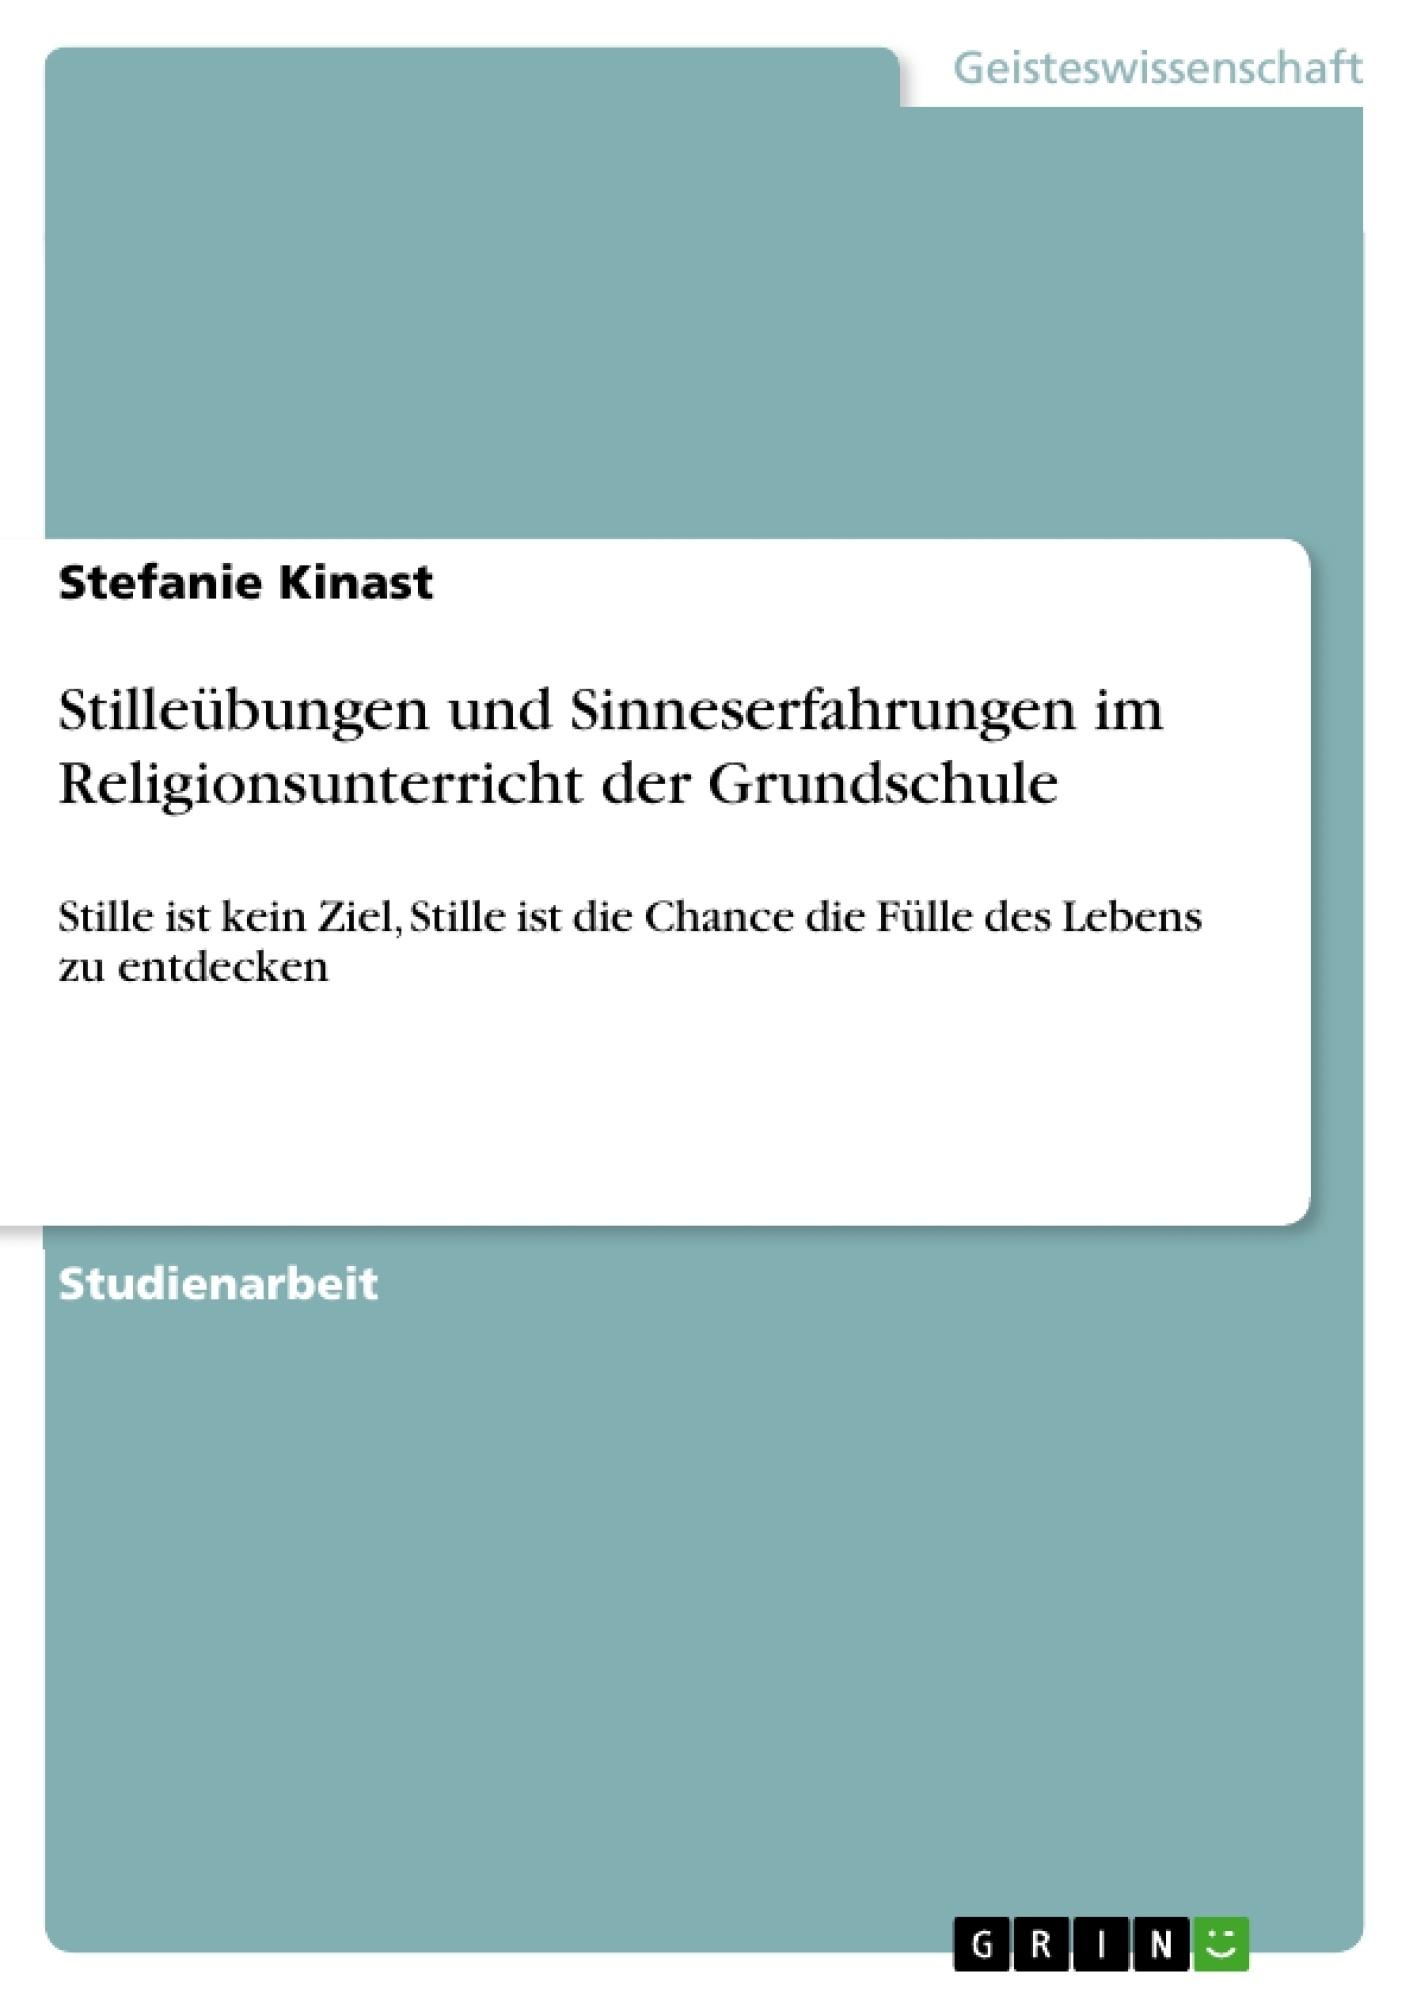 Titel: Stilleübungen und Sinneserfahrungen im Religionsunterricht der Grundschule